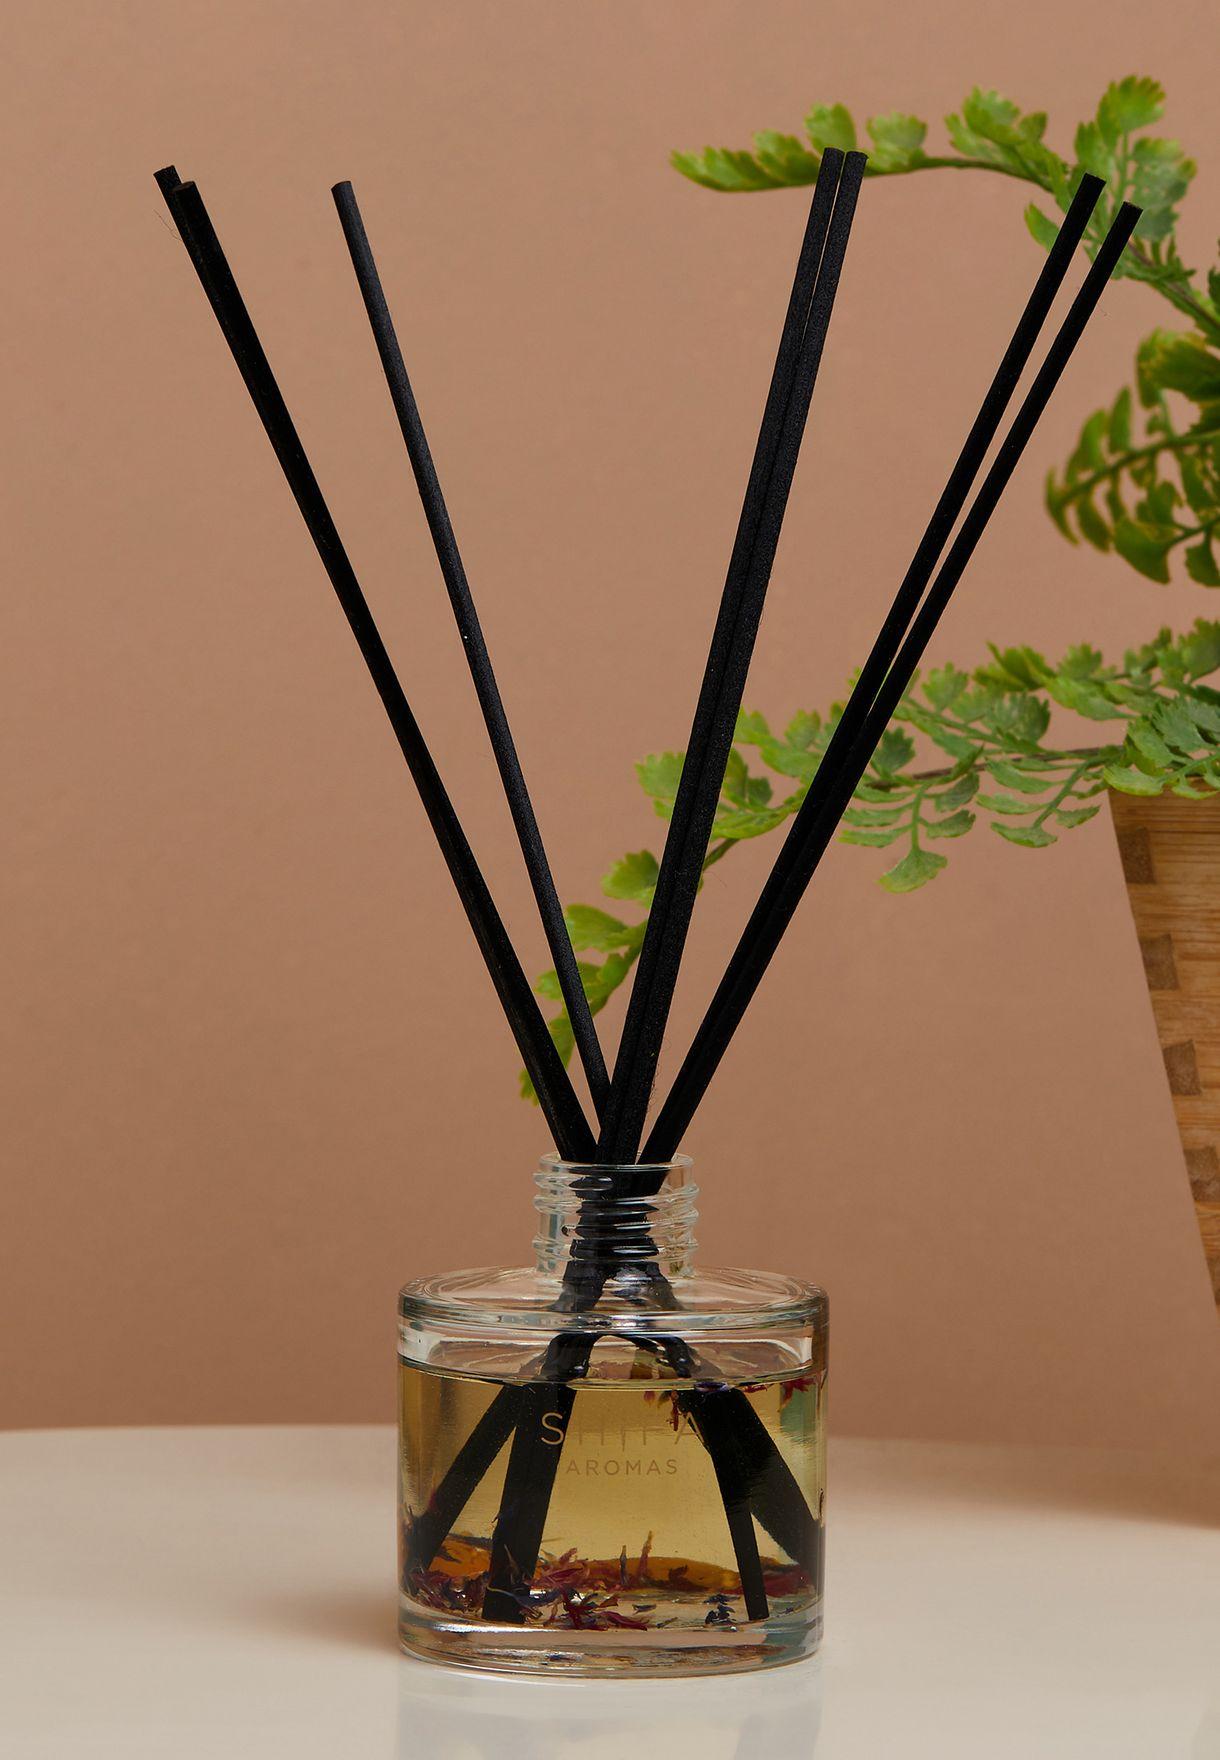 Lavender, Geranium & Ylang-Ylang Diffuser 100 ml